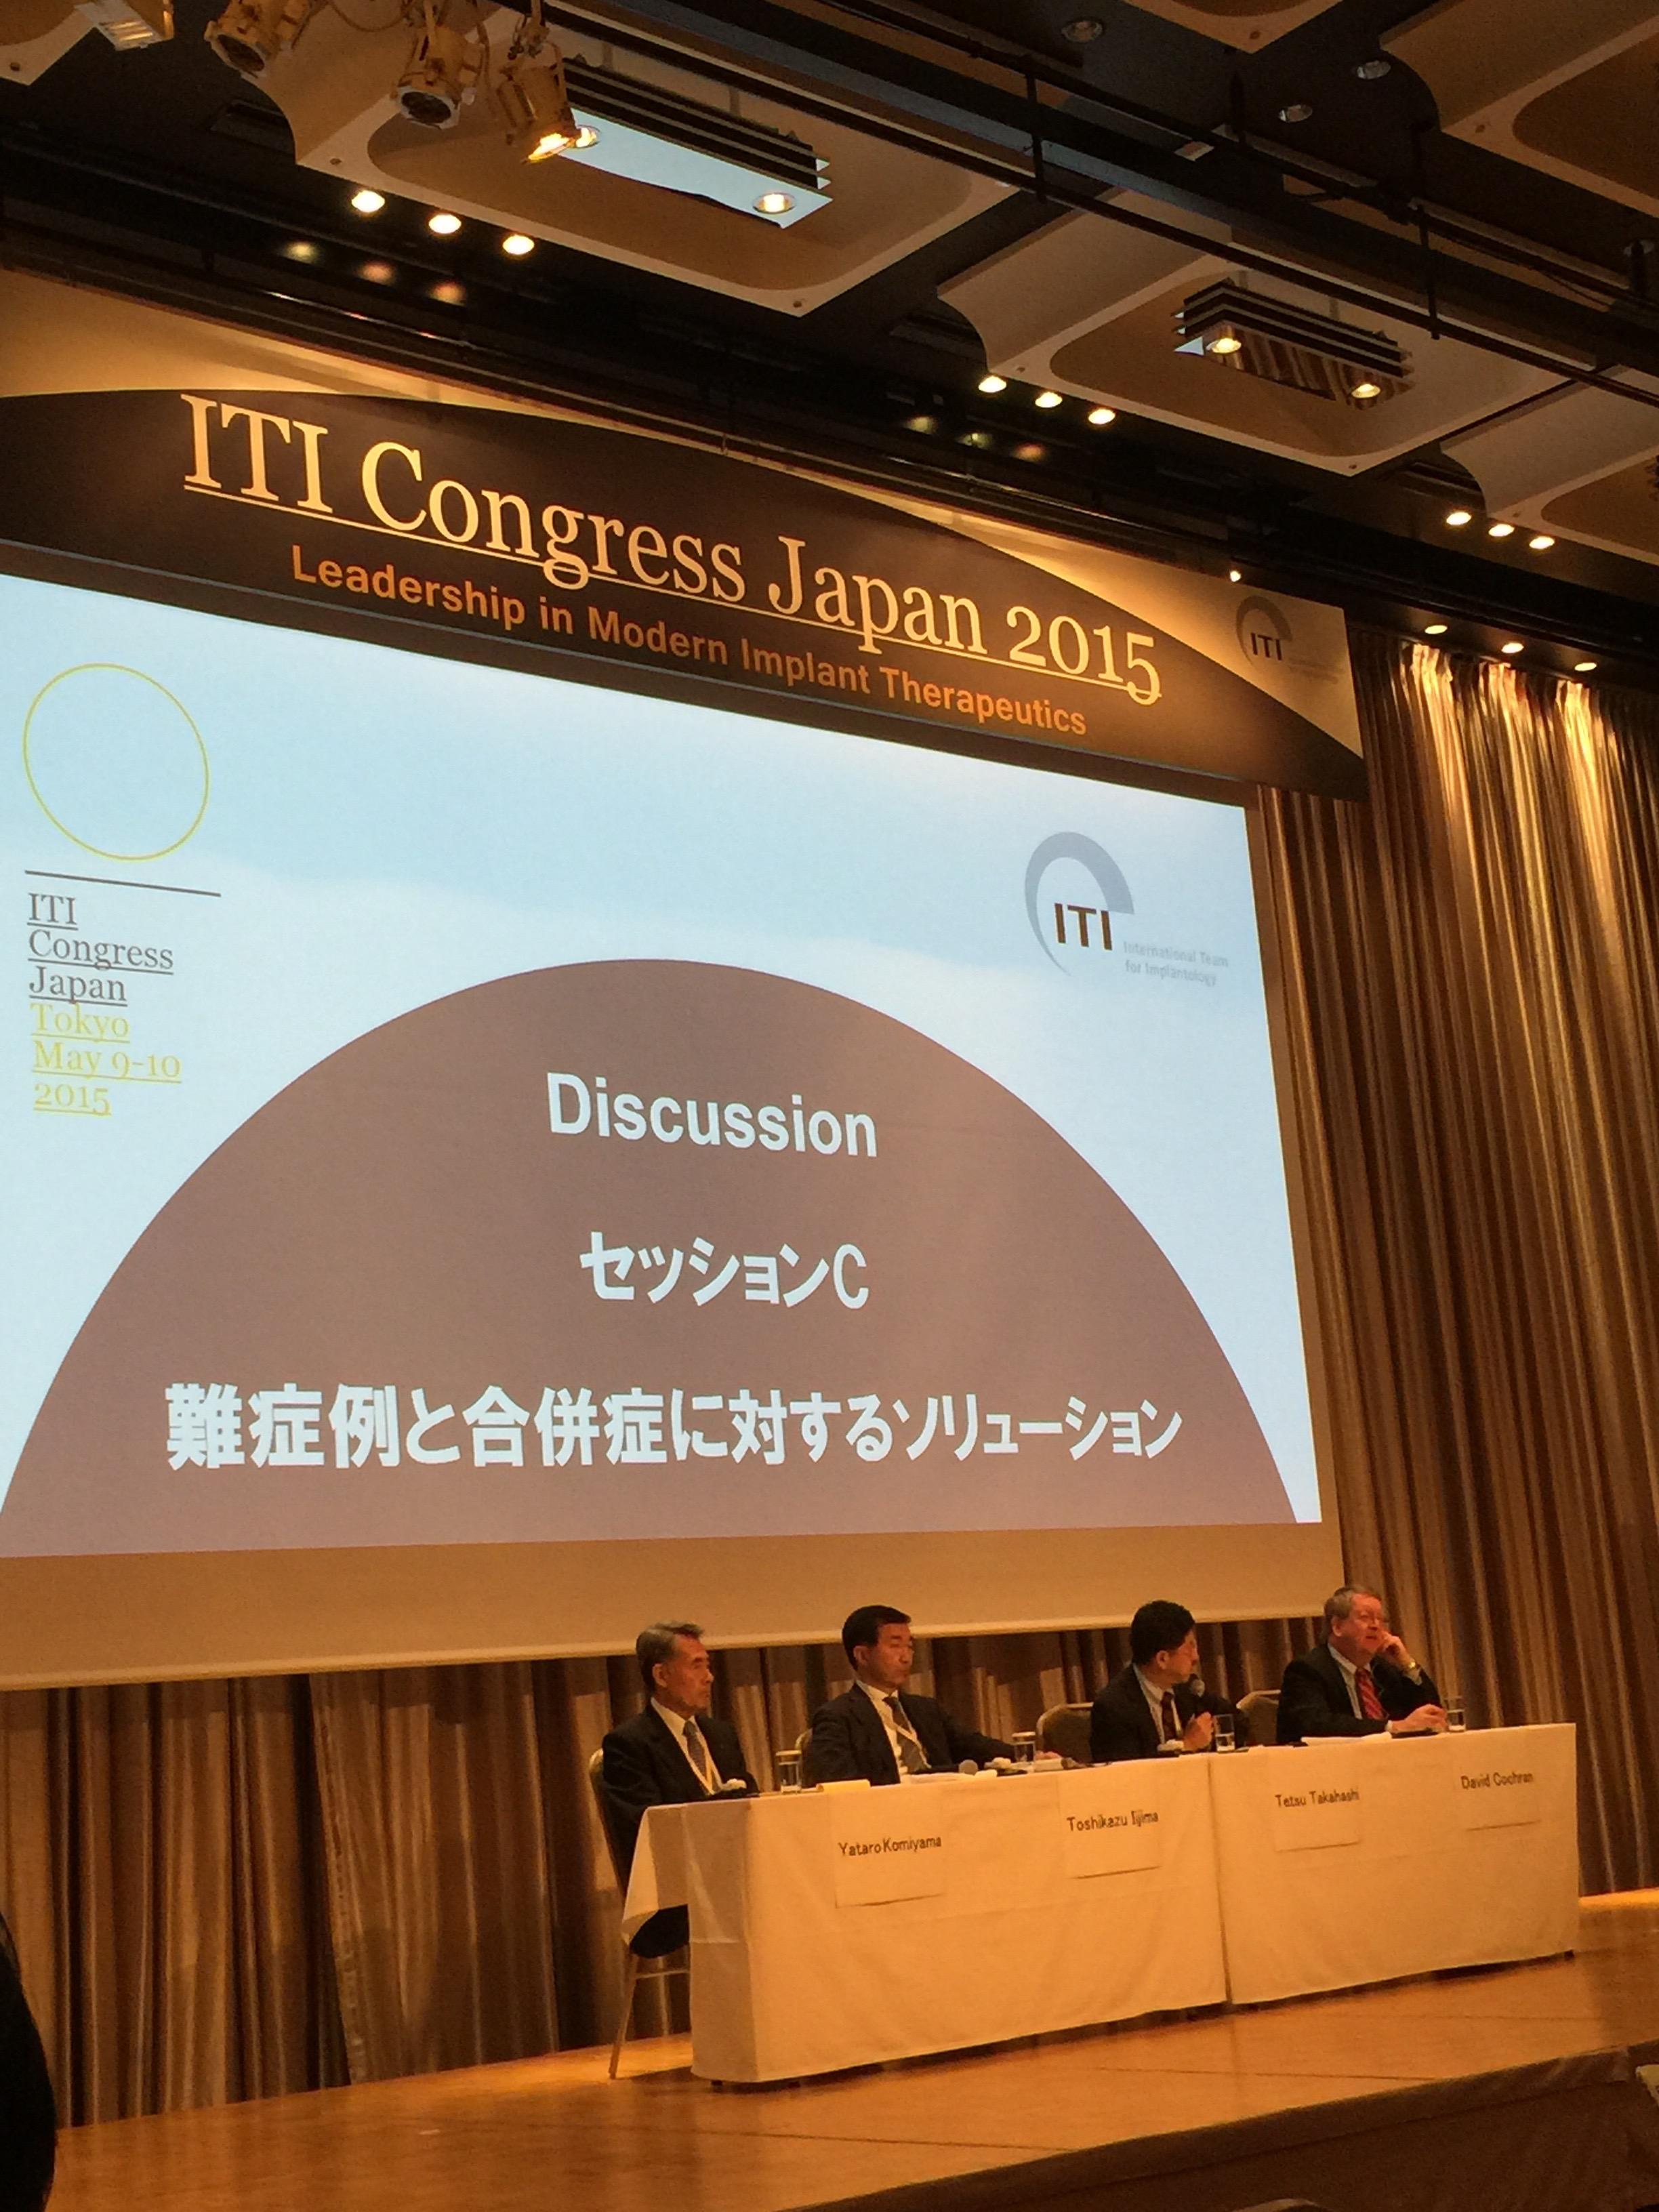 ITI congress japan 2015 |インプラント治療